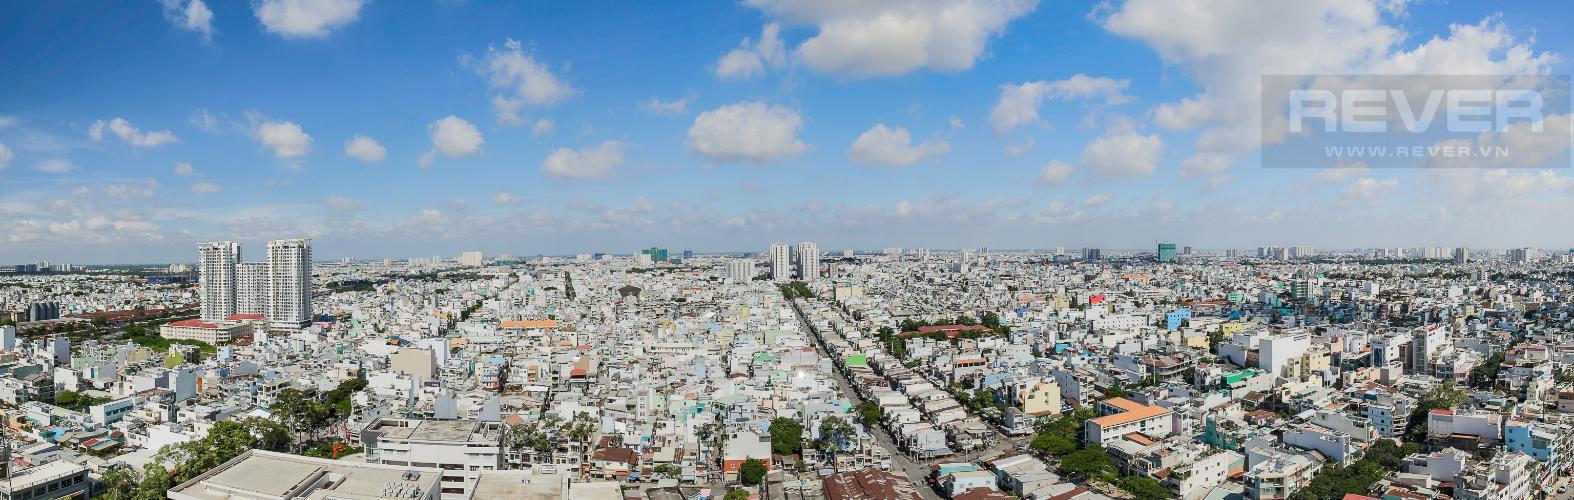 View Bán hoặc cho thuê căn hộ Remax Plaza 2PN, đầy đủ nội thất, diện tích 88m2, view thành phố